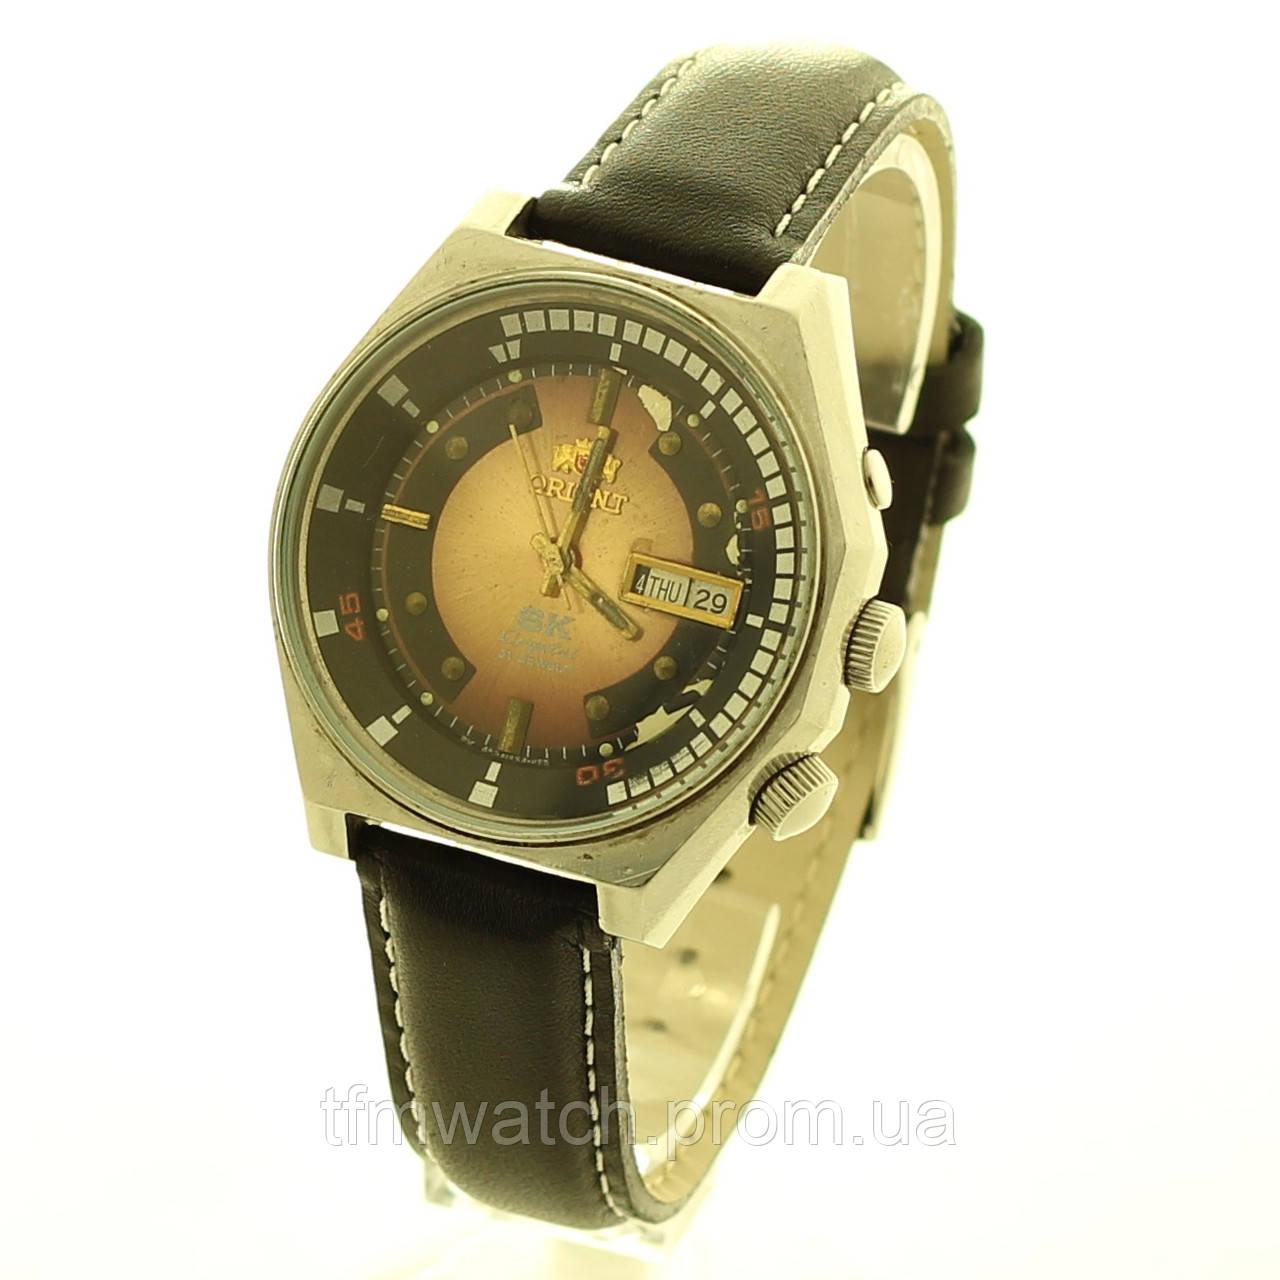 164a4fe7 Orient SK механические часы автоподзавод Япония: продажа, цена в ...